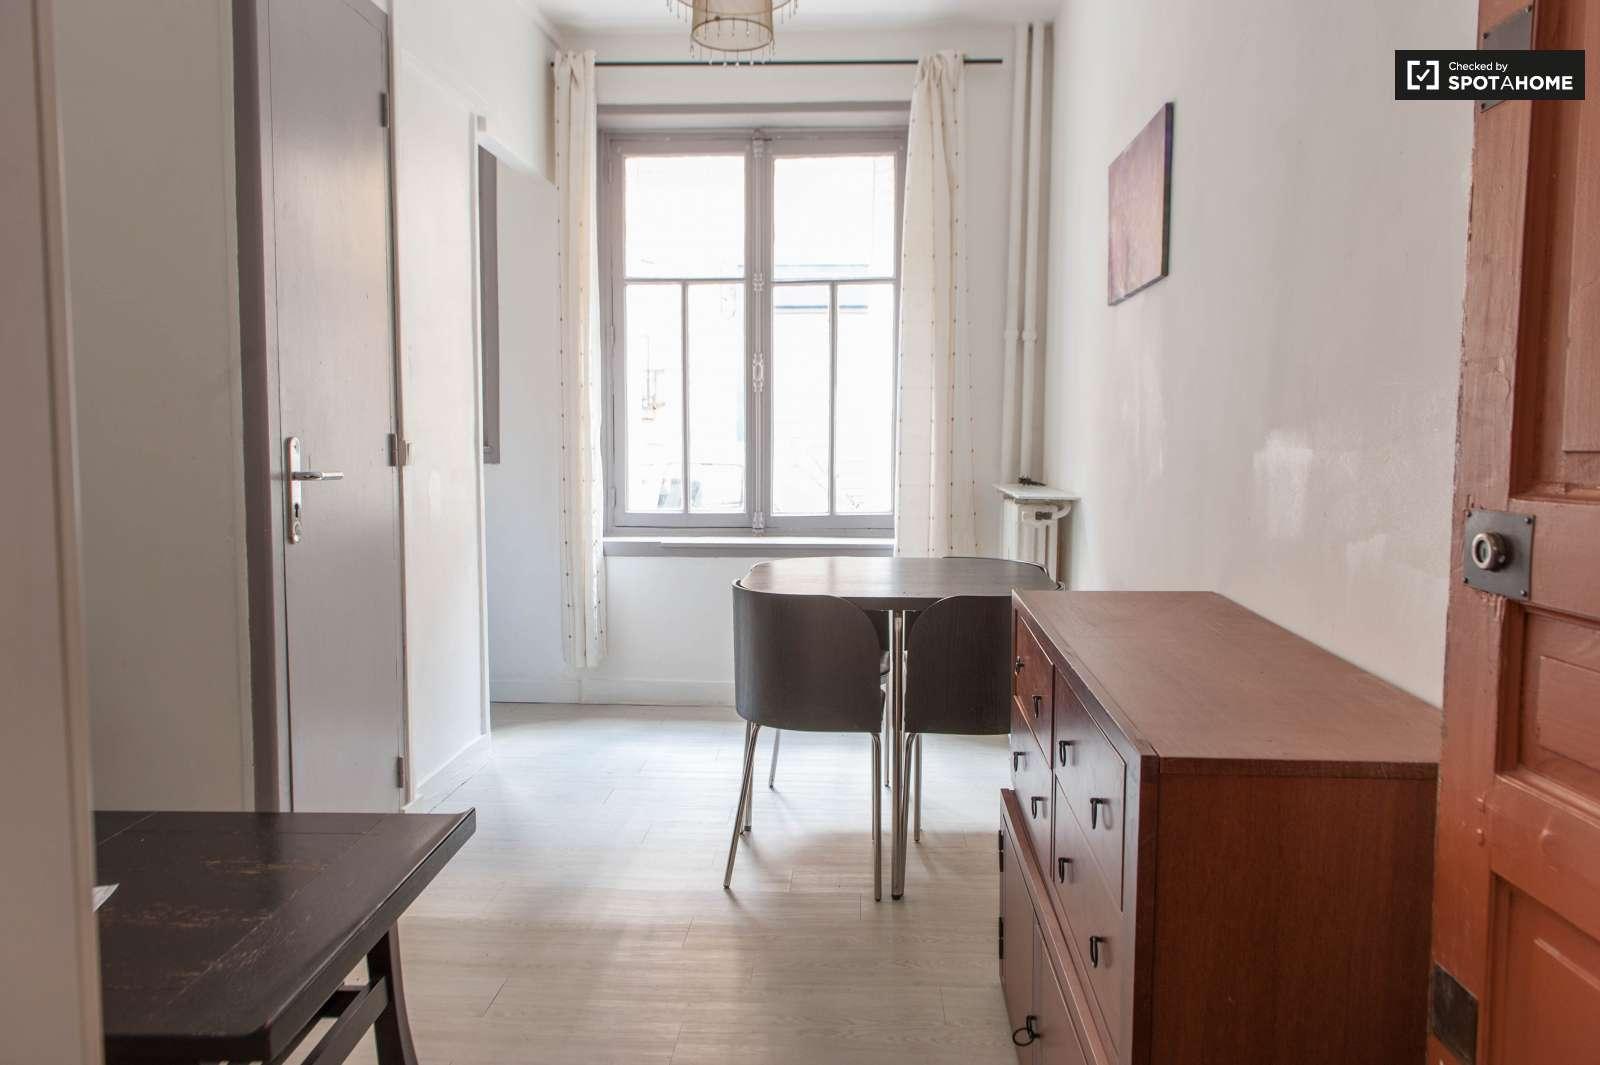 Studio Apartment Paris renovated studio apartment for rent in malakoff, paris | spotahome